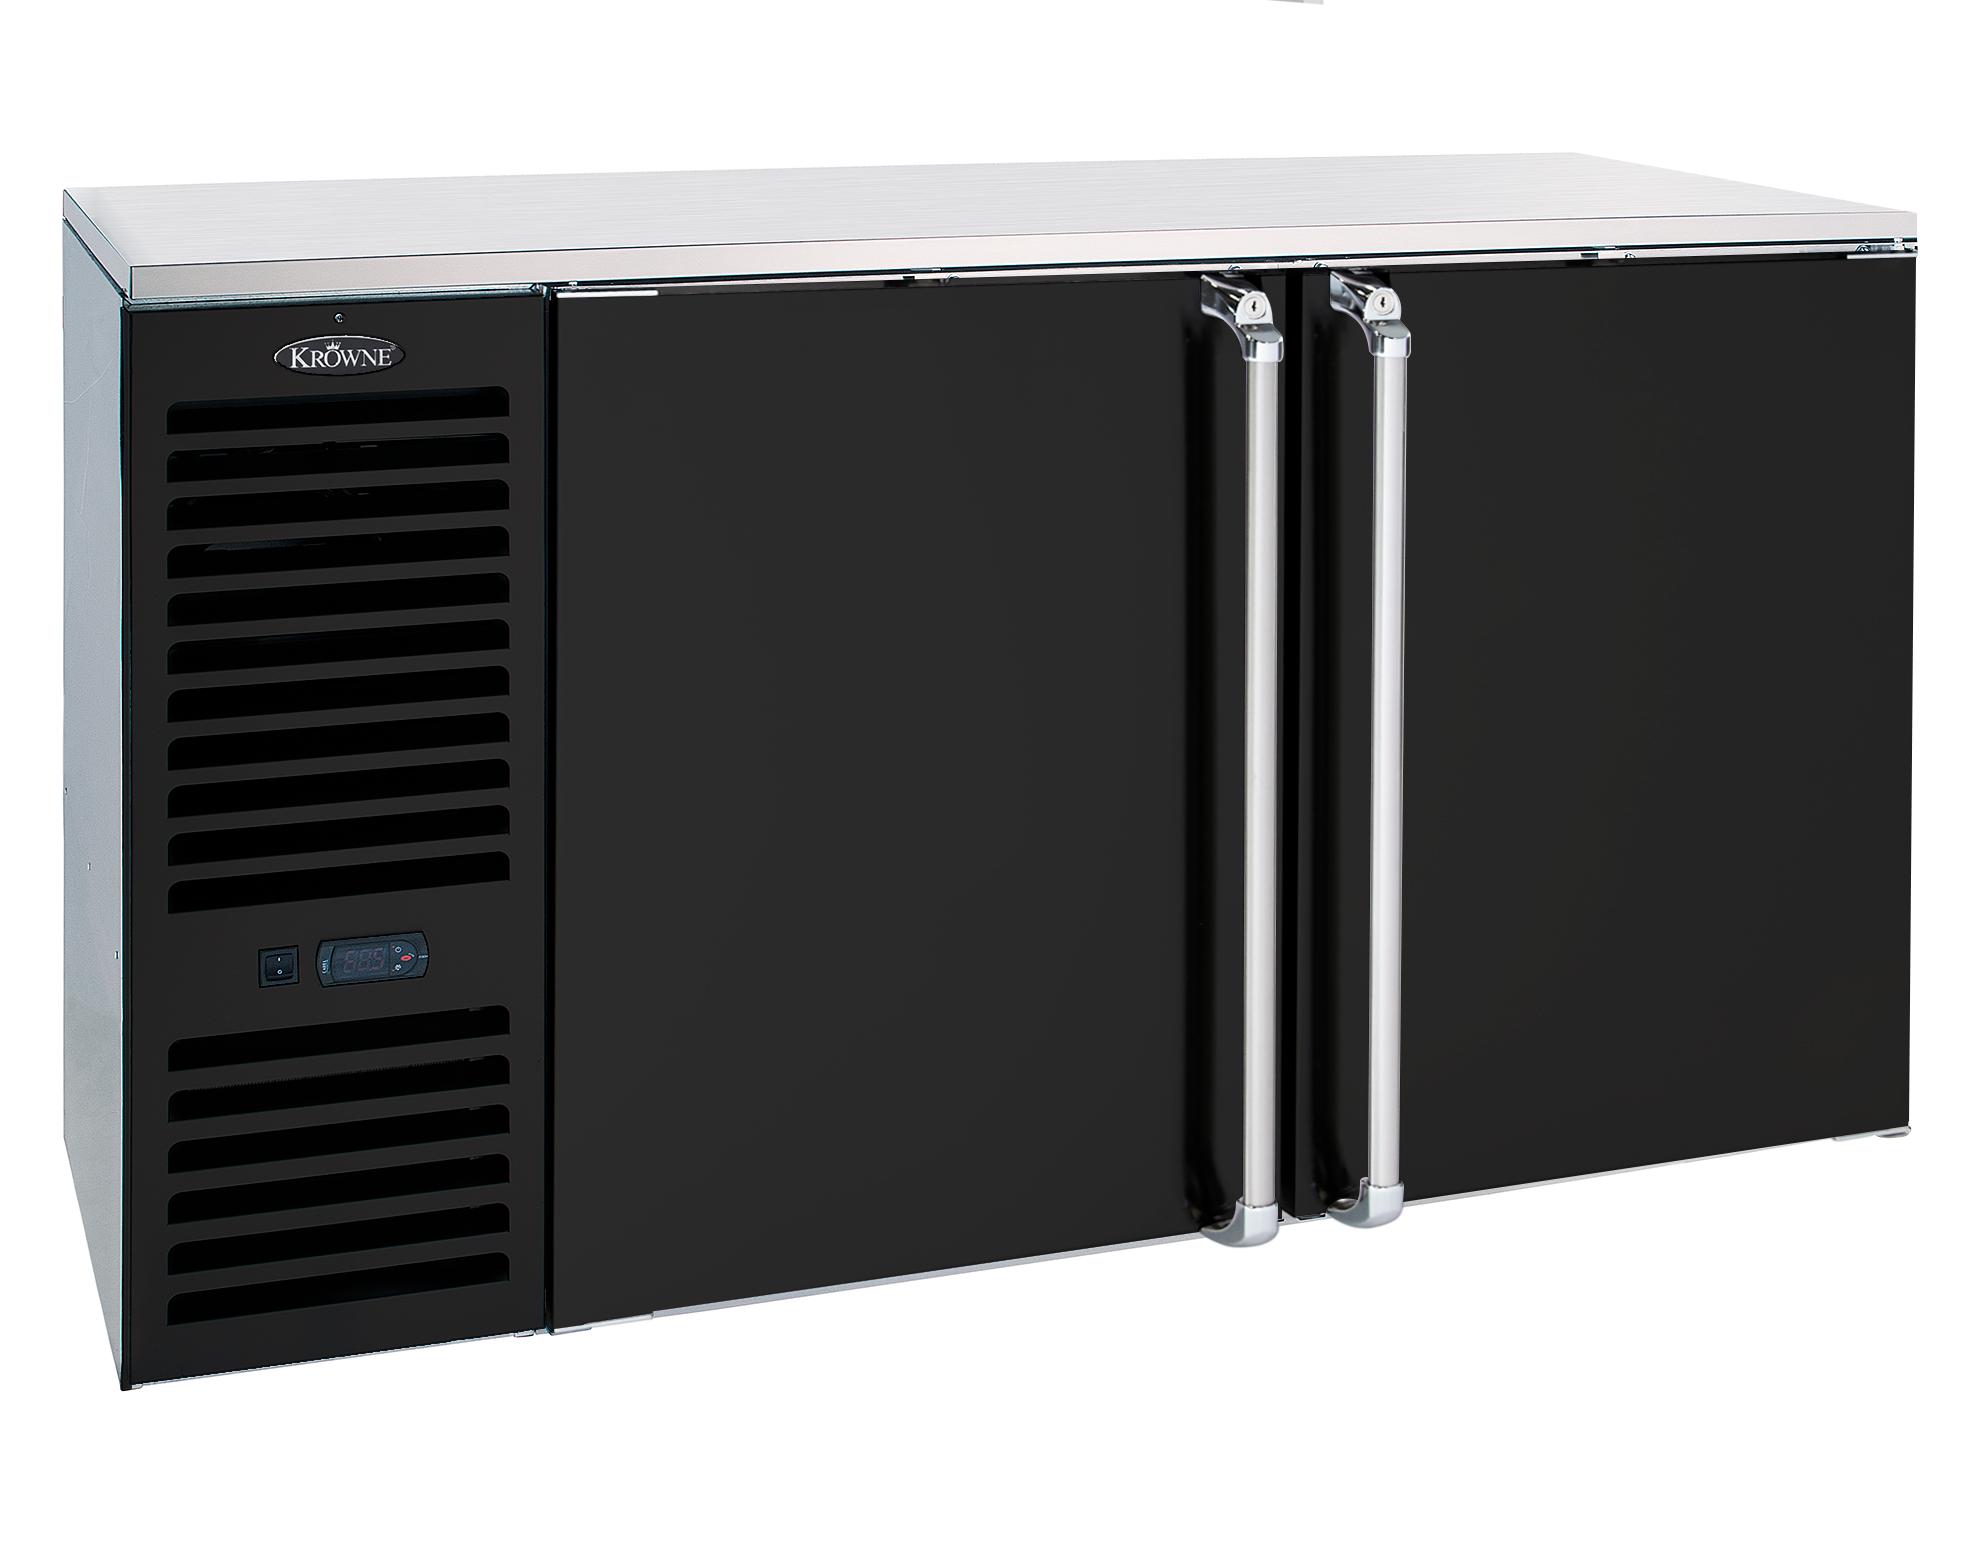 Krowne Metal BS60L-SSS refrigeration